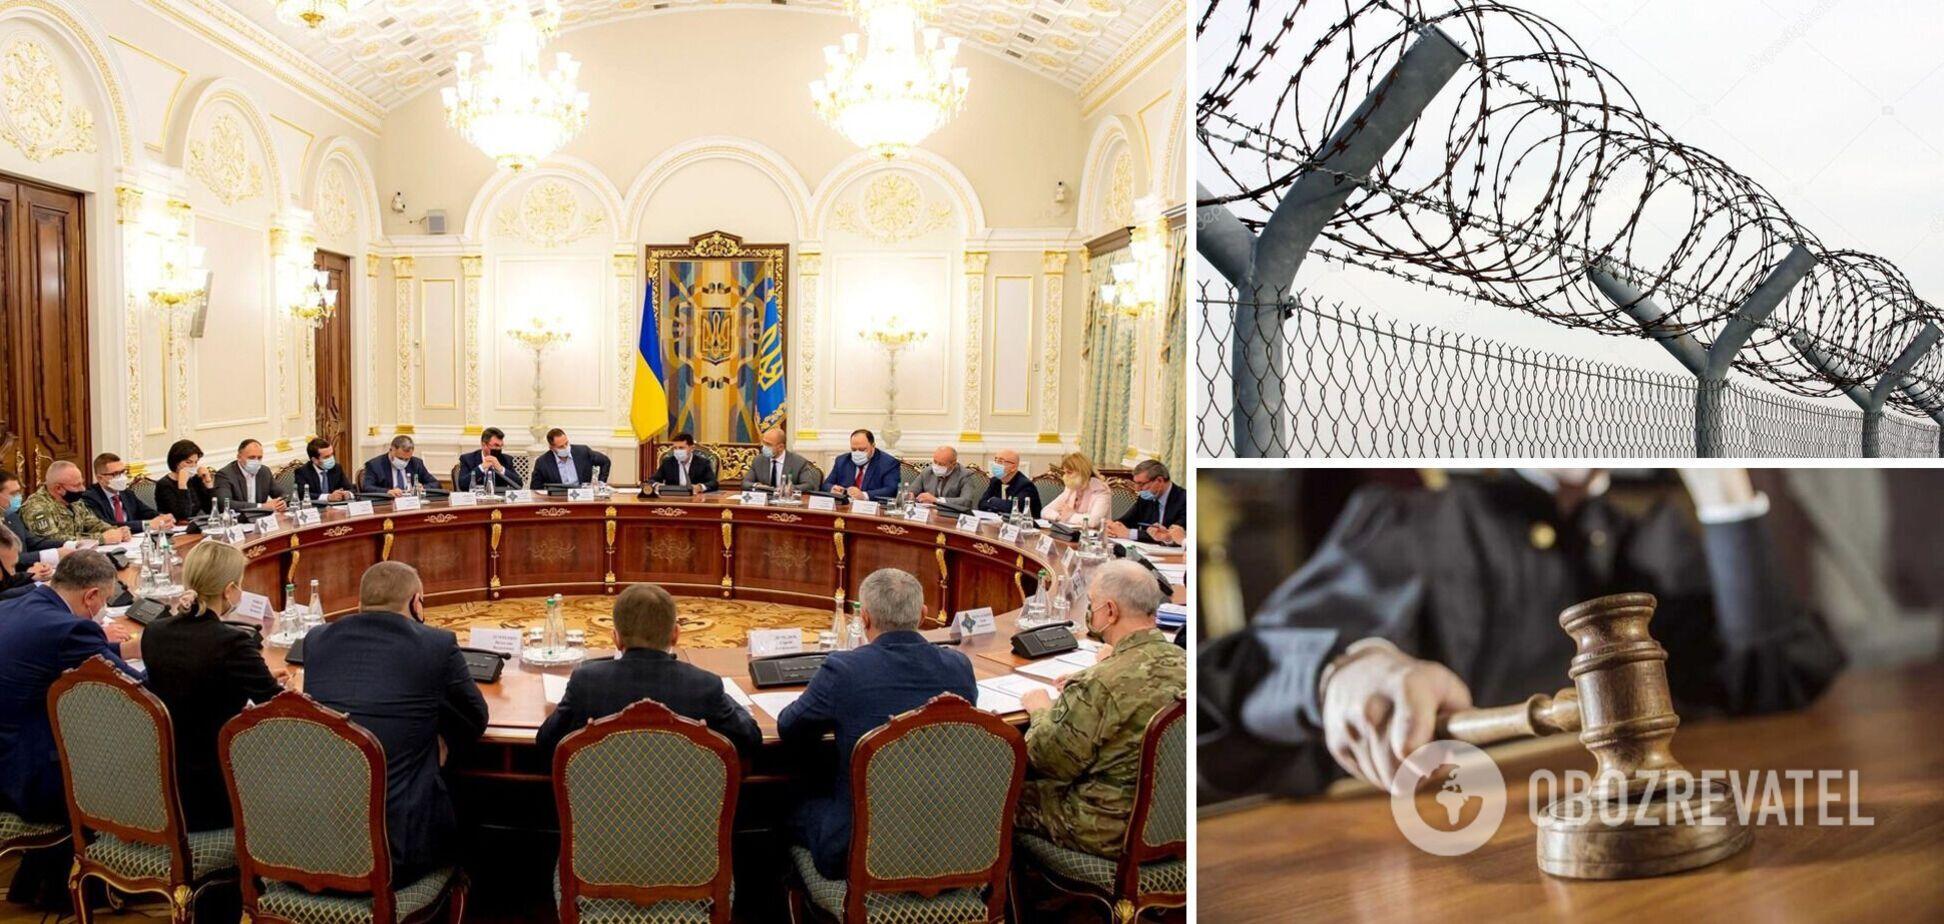 В Украине 17 подсанкционных уголовных авторитетов будут судить за тяжелые преступления – полиция